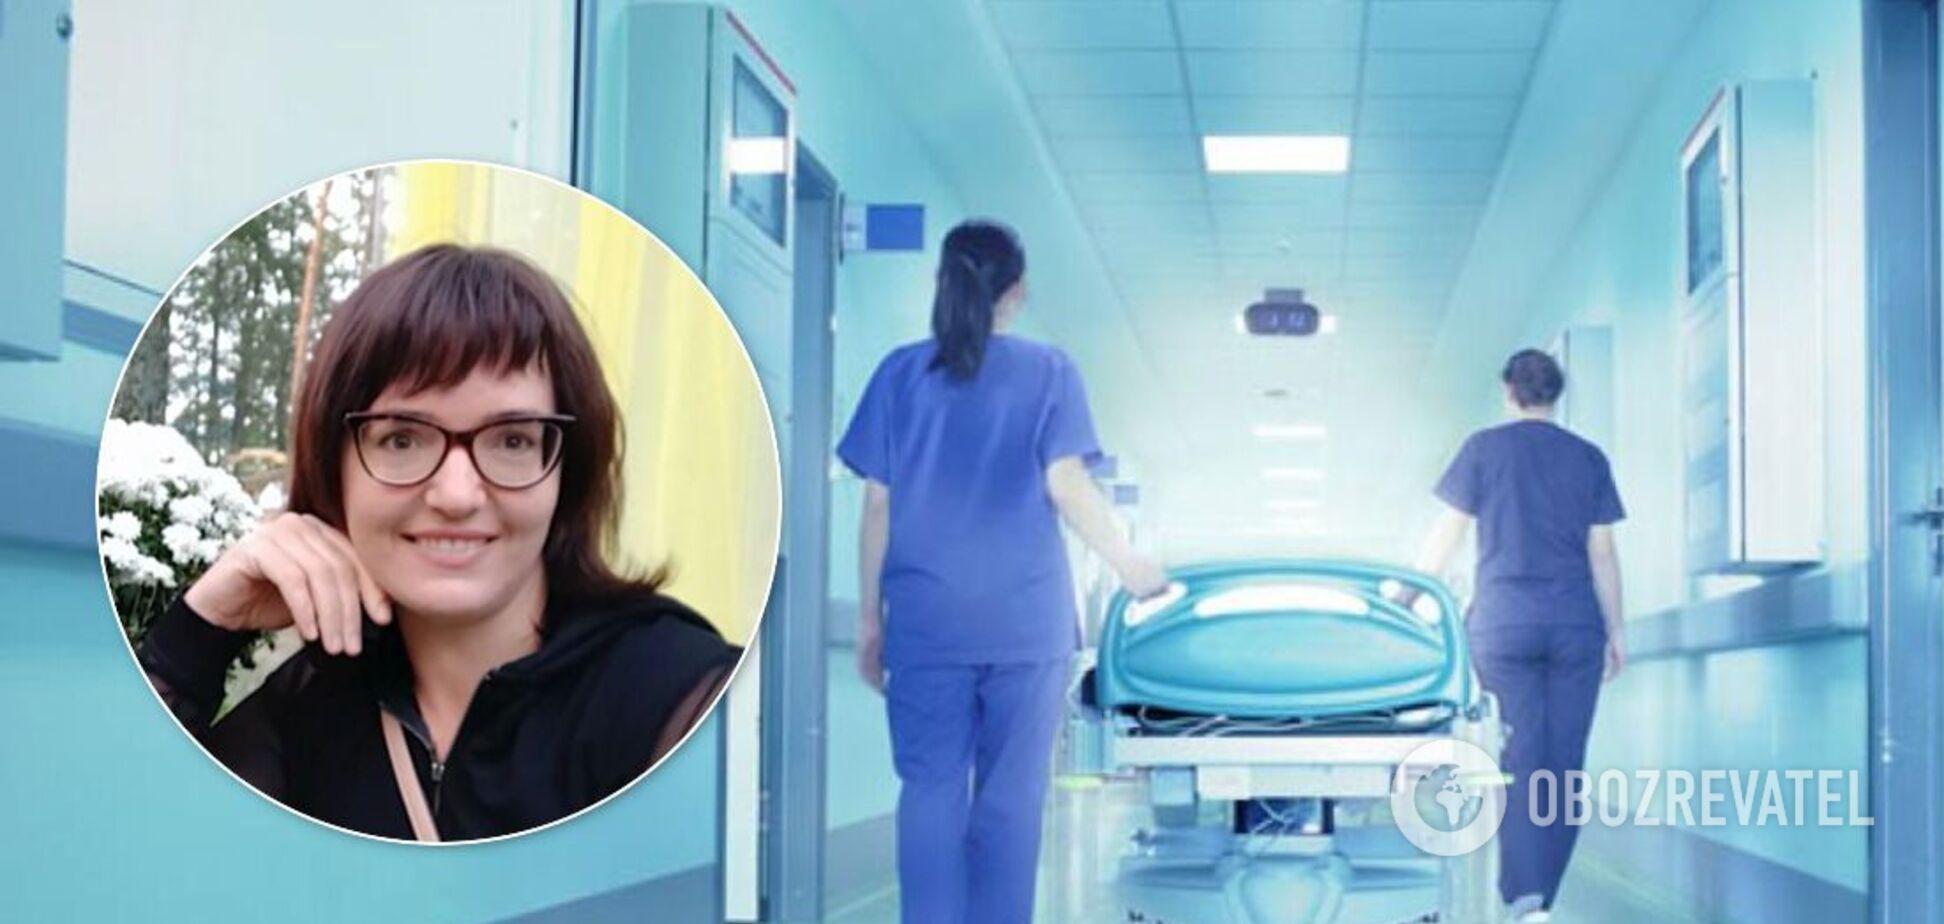 В Ривне после операции внезапно умерла женщина: медики не обратили внимание на тревожный симптом